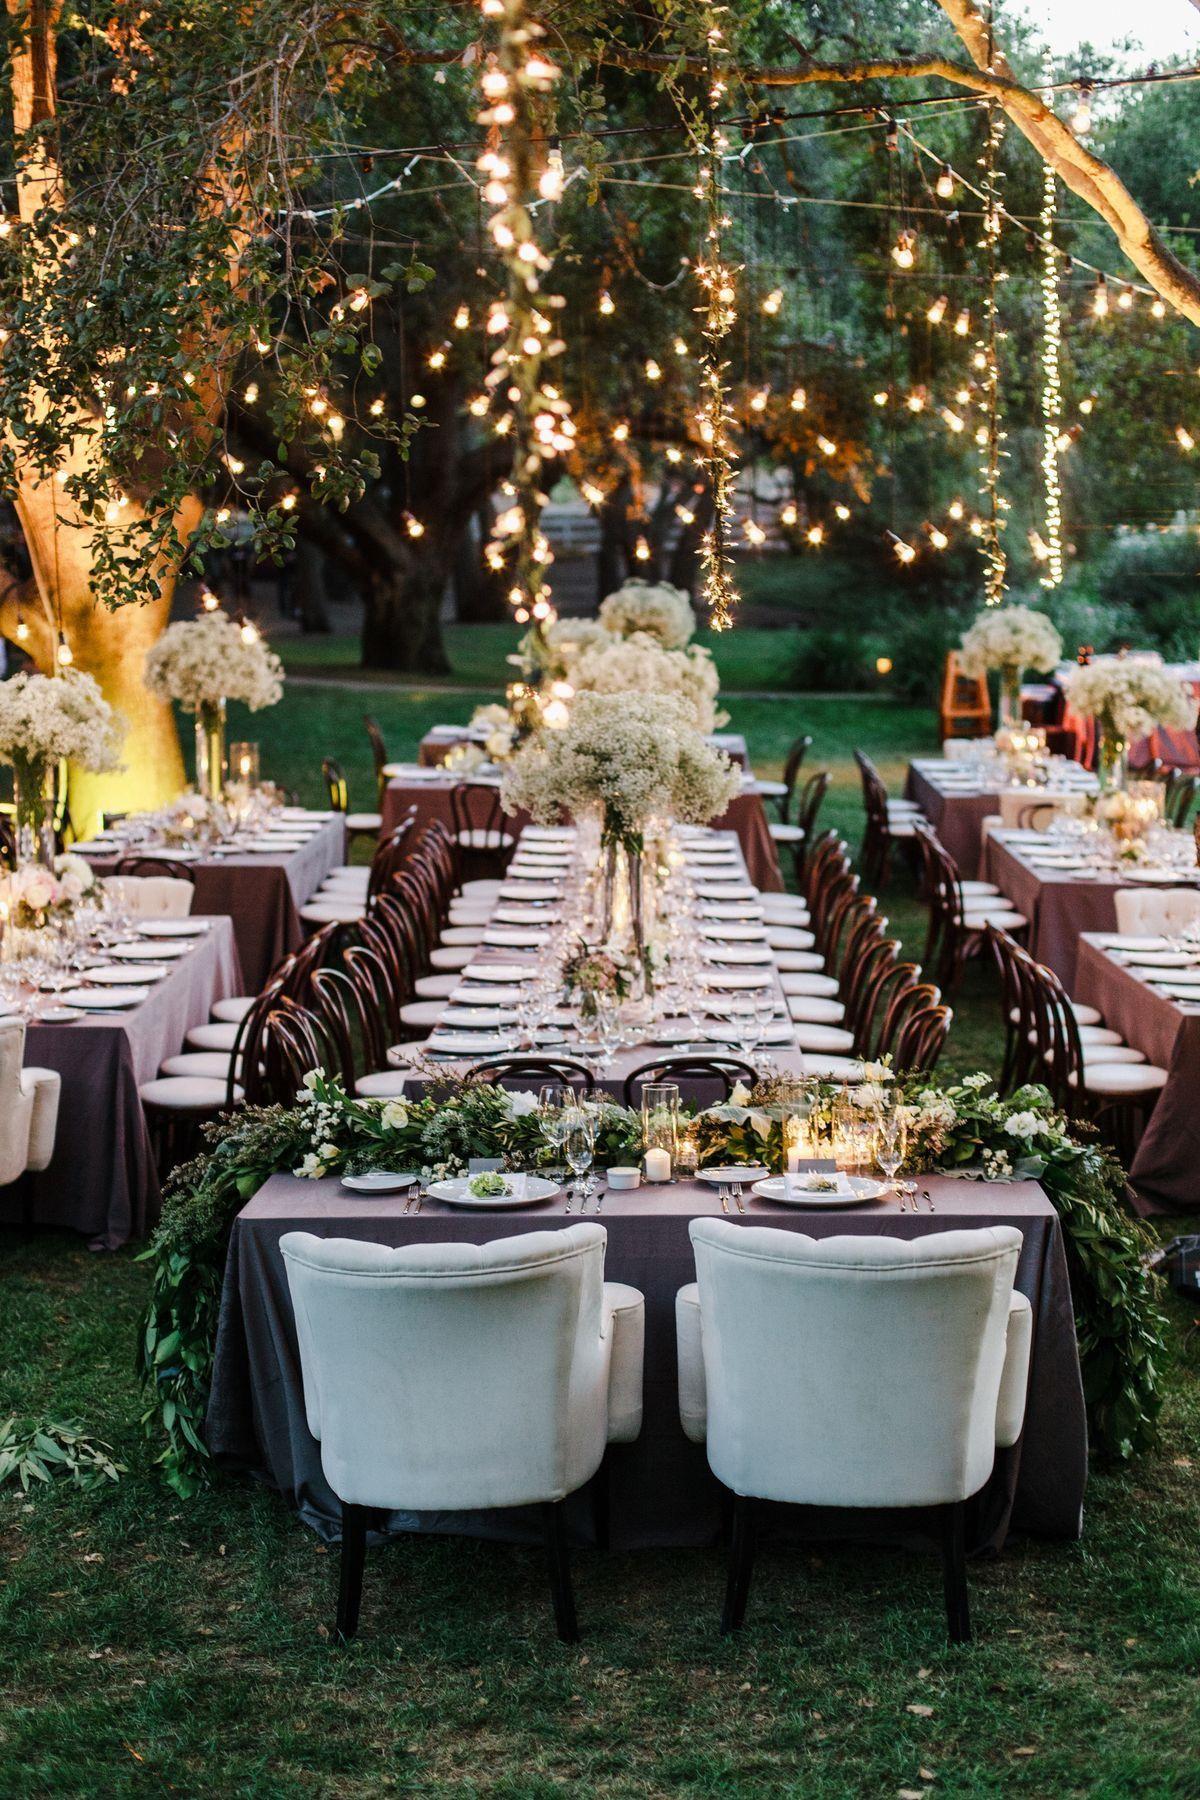 cascade of light hanging down | Home | Pinterest | Wedding, Wedding ...